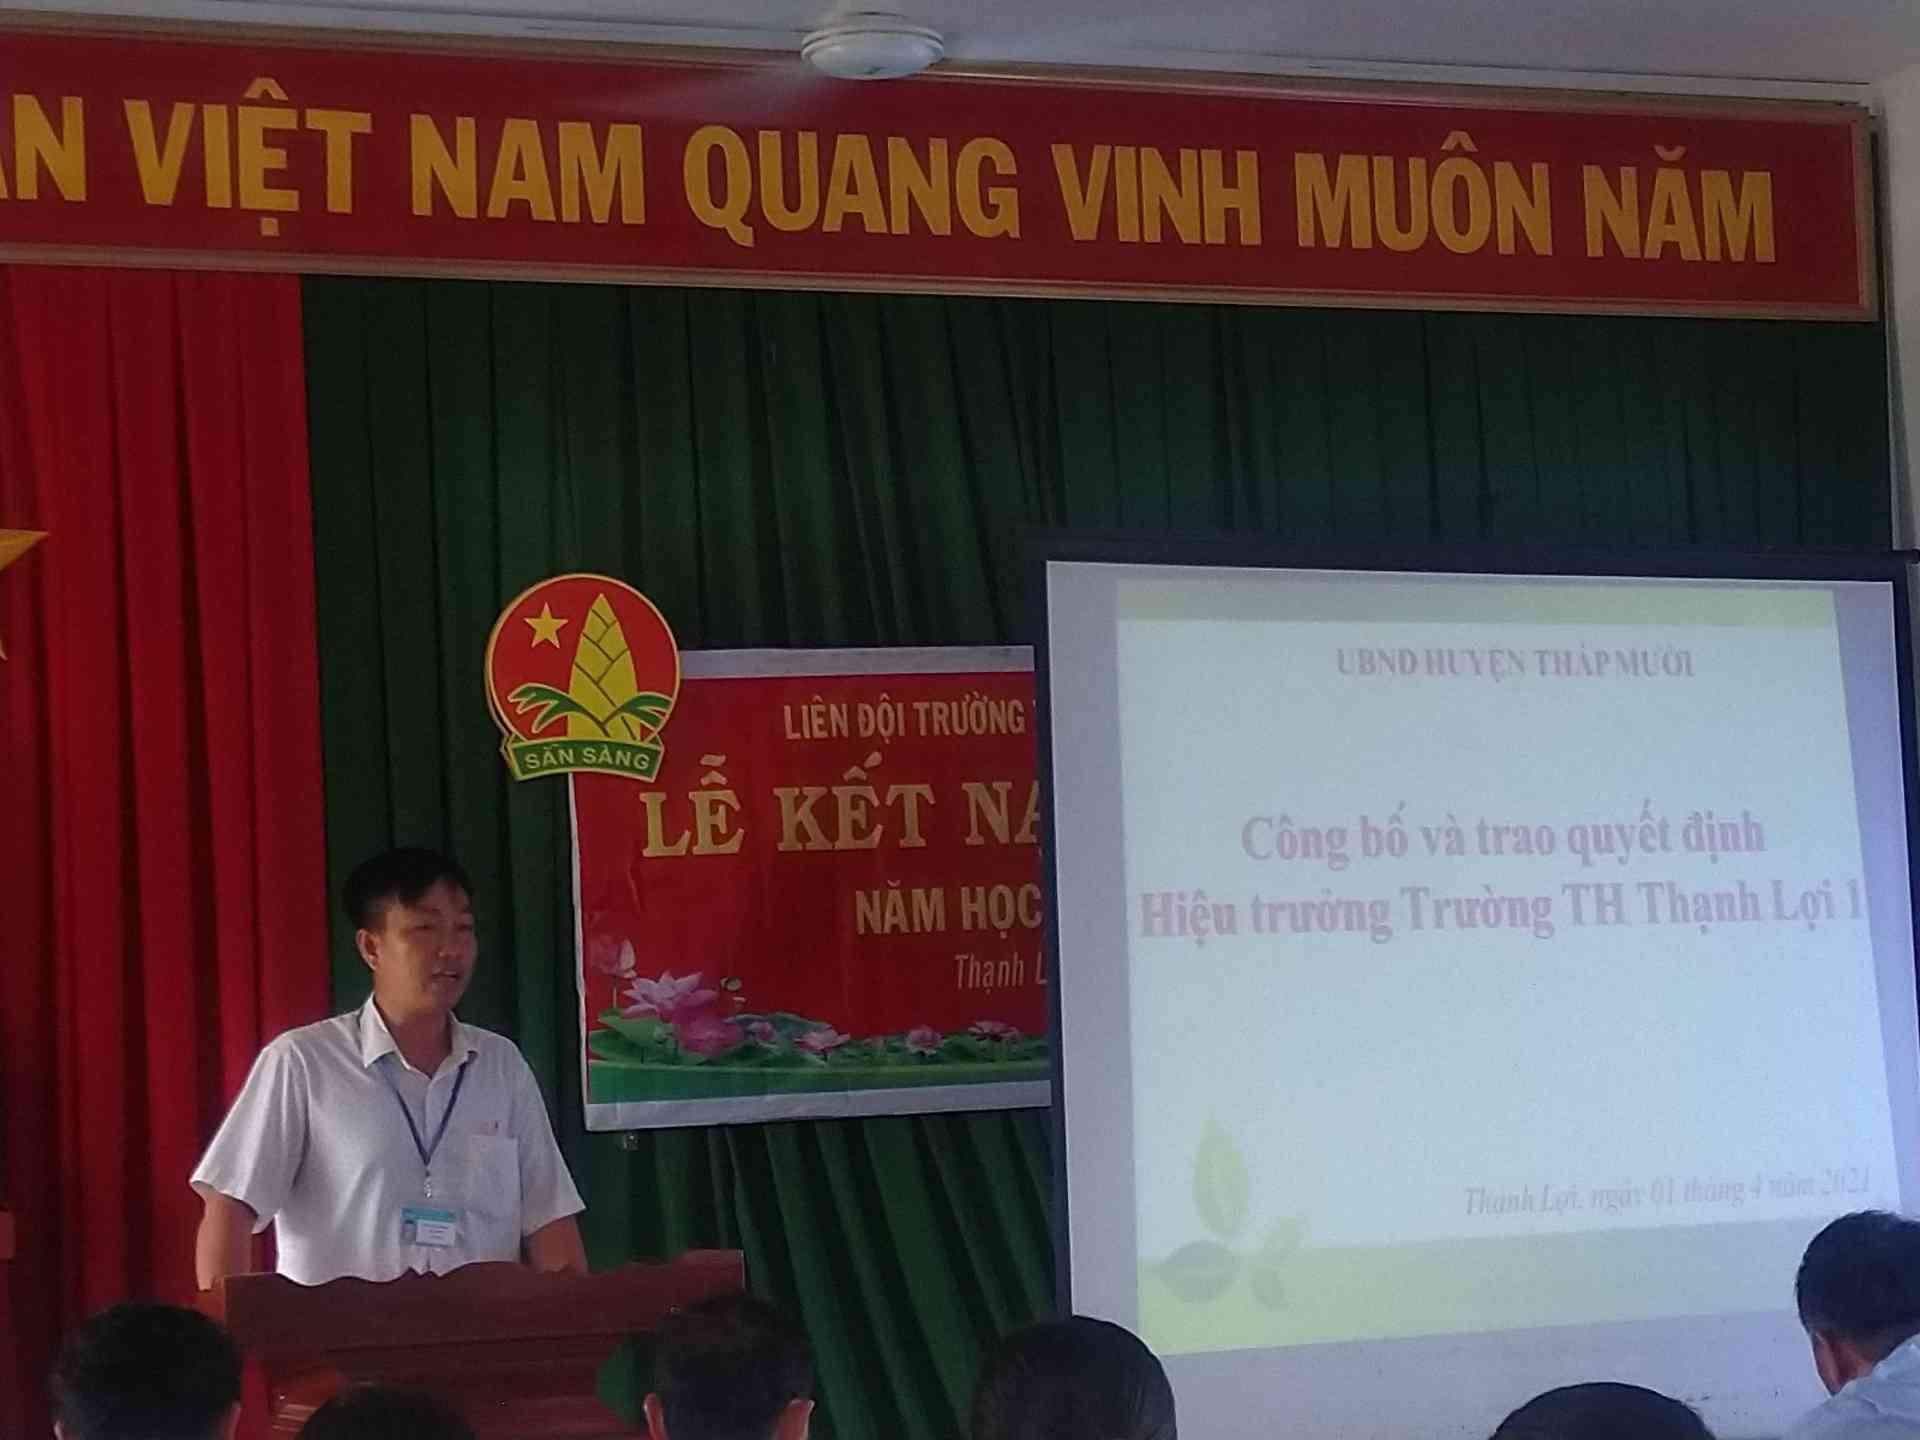 Thầy Trần Hữu Phước - CTCĐ nhà trường phát biểu và cảm ơn thầy Nguyễn Thành Tâm trong những năm làm việc tại trường.